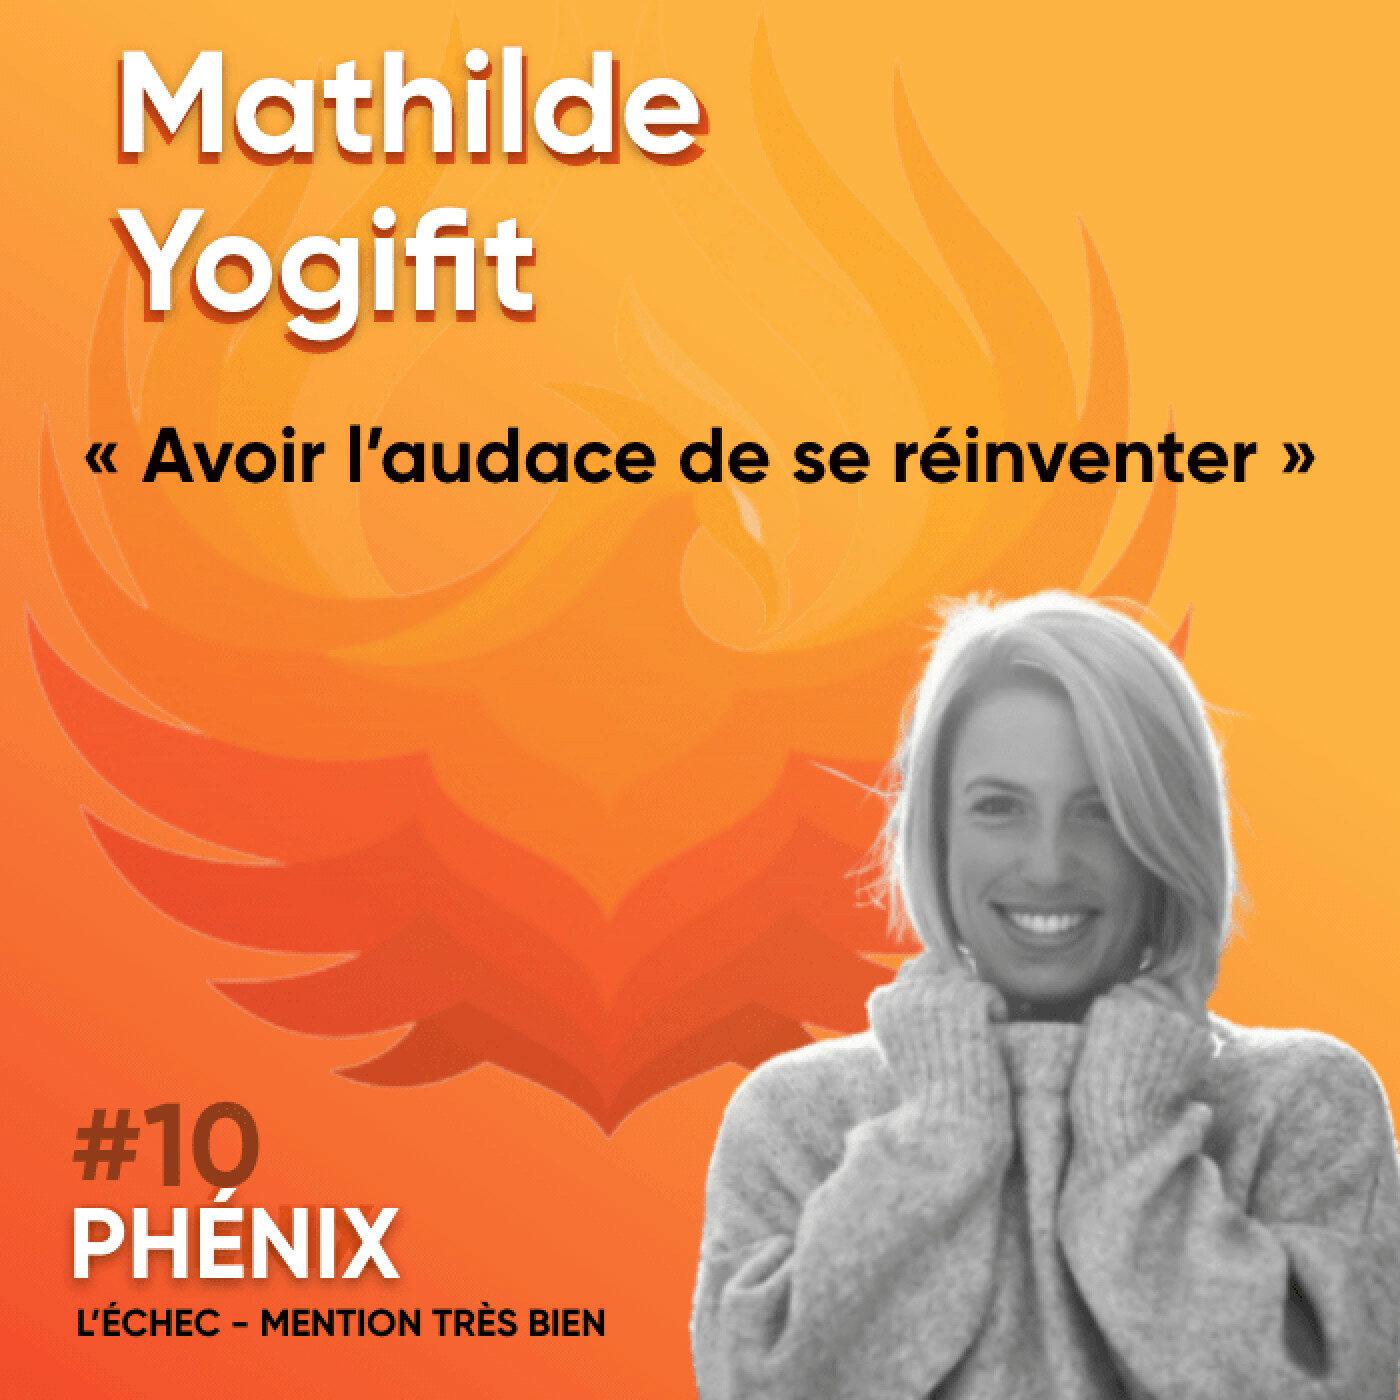 #10 🤸♀️- Mathilde Yogifit : Avoir l'audace de se réinventer